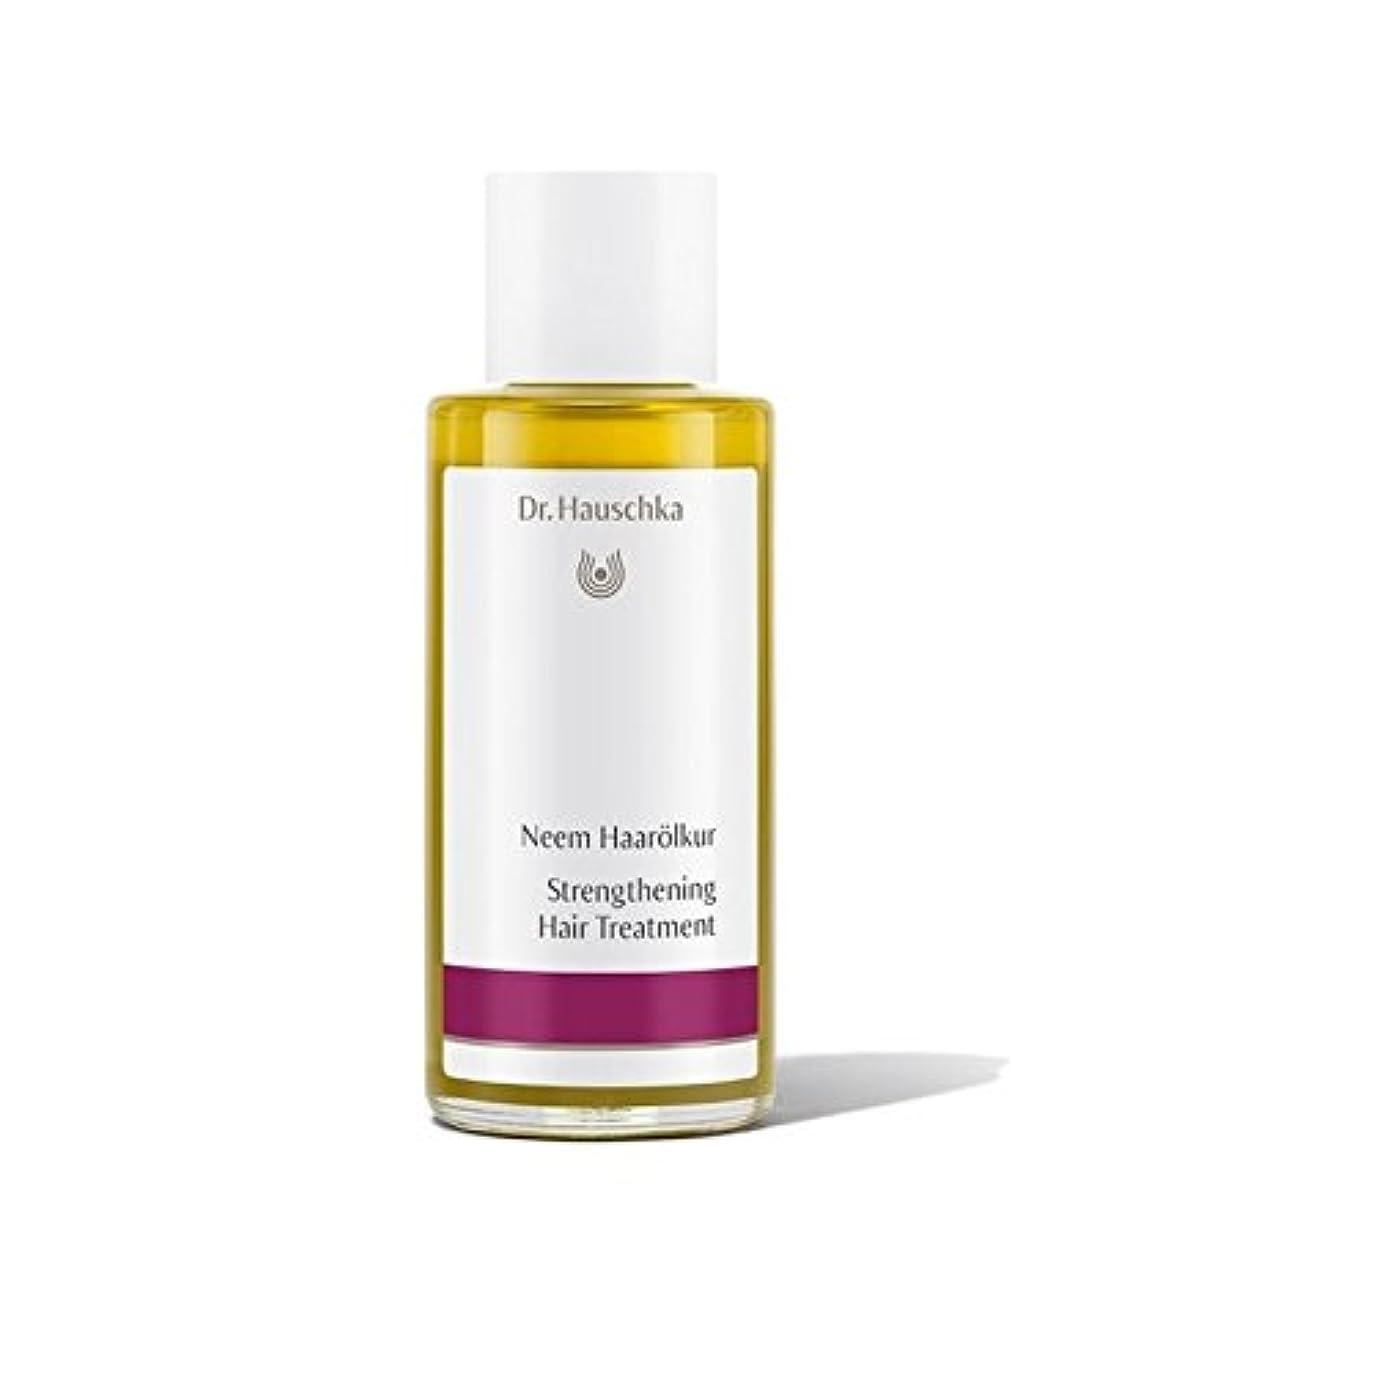 栄養生活エキゾチックDr. Hauschka Strengthening Hair Treatment (100ml) (Pack of 6) - ハウシュカ強化ヘアトリートメント(100ミリリットル) x6 [並行輸入品]